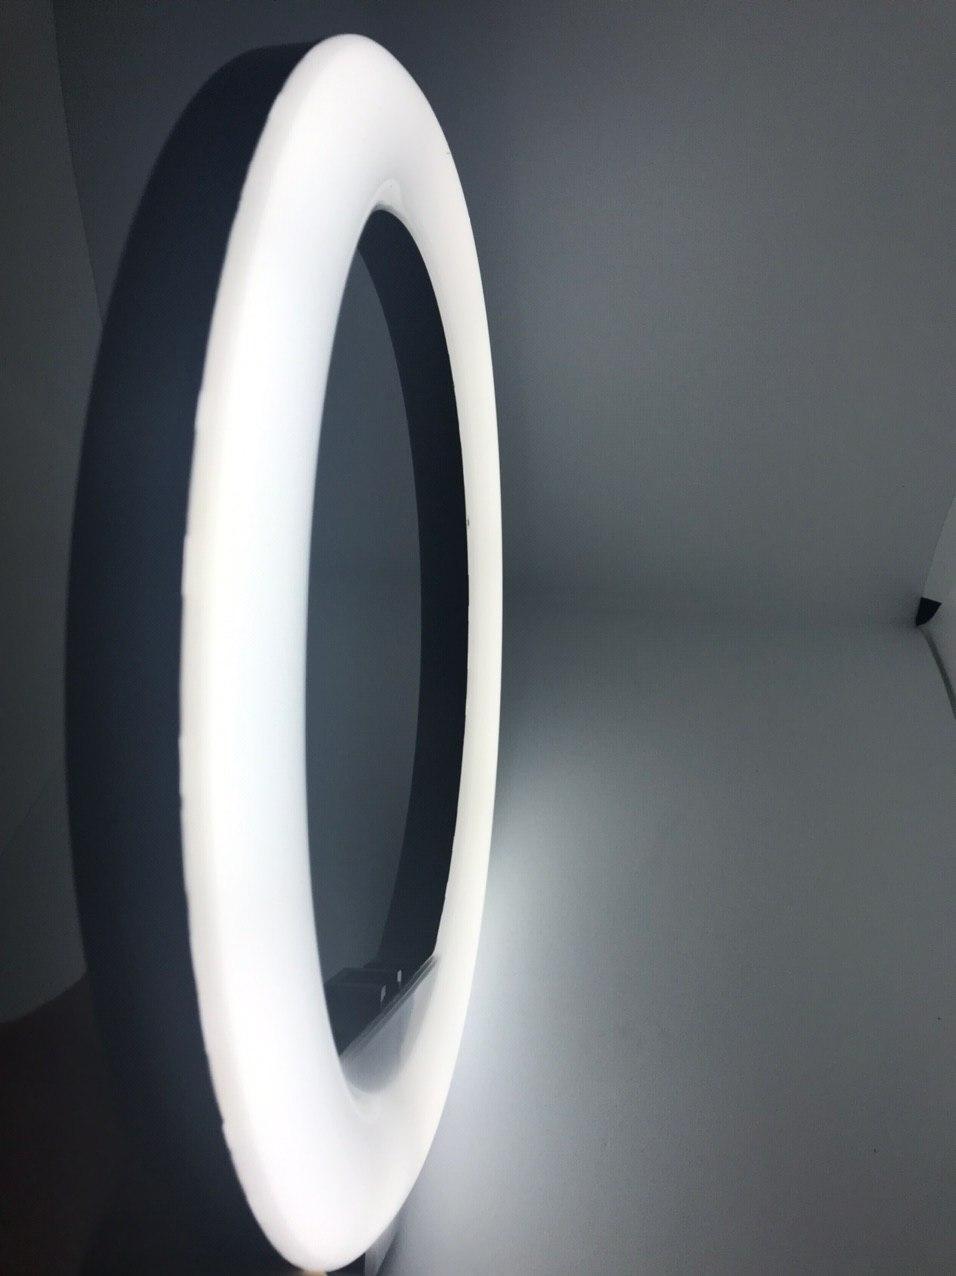 Селфи светодиодное  кольцо на штатив диаметр 29 см и пульт для управления + Подарок штатив 3110 1 м